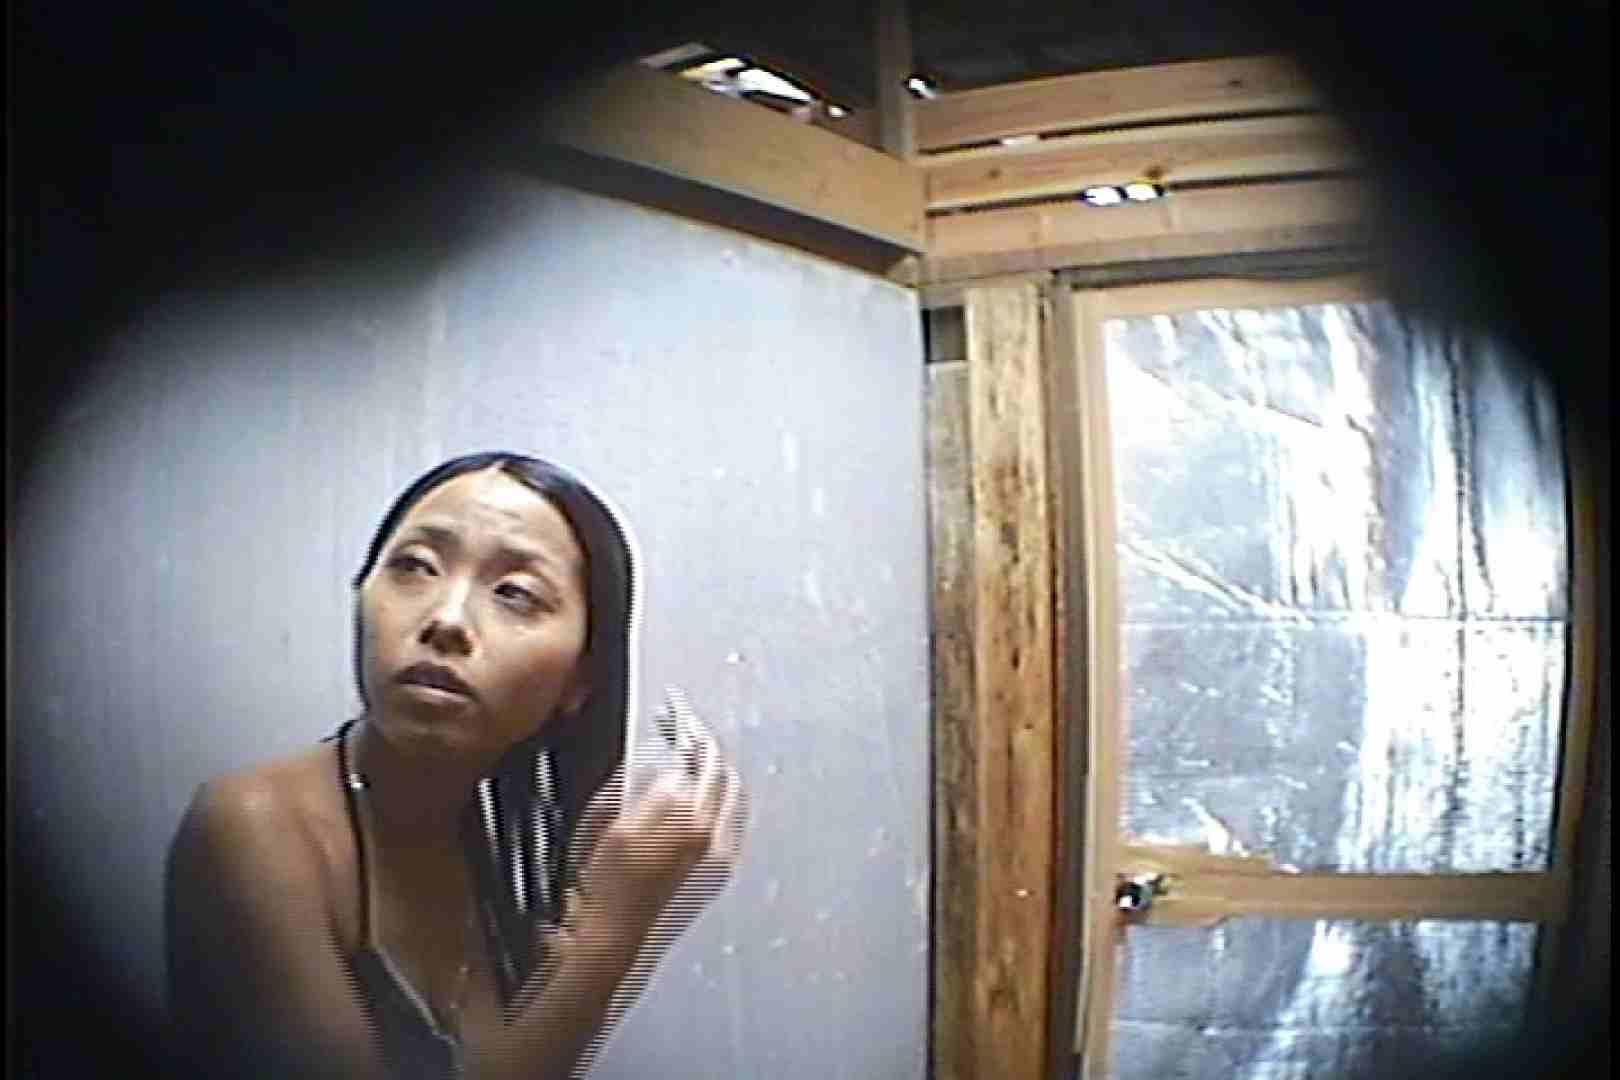 海の家の更衣室 Vol.45 OLの実態 盗撮われめAV動画紹介 90pic 56